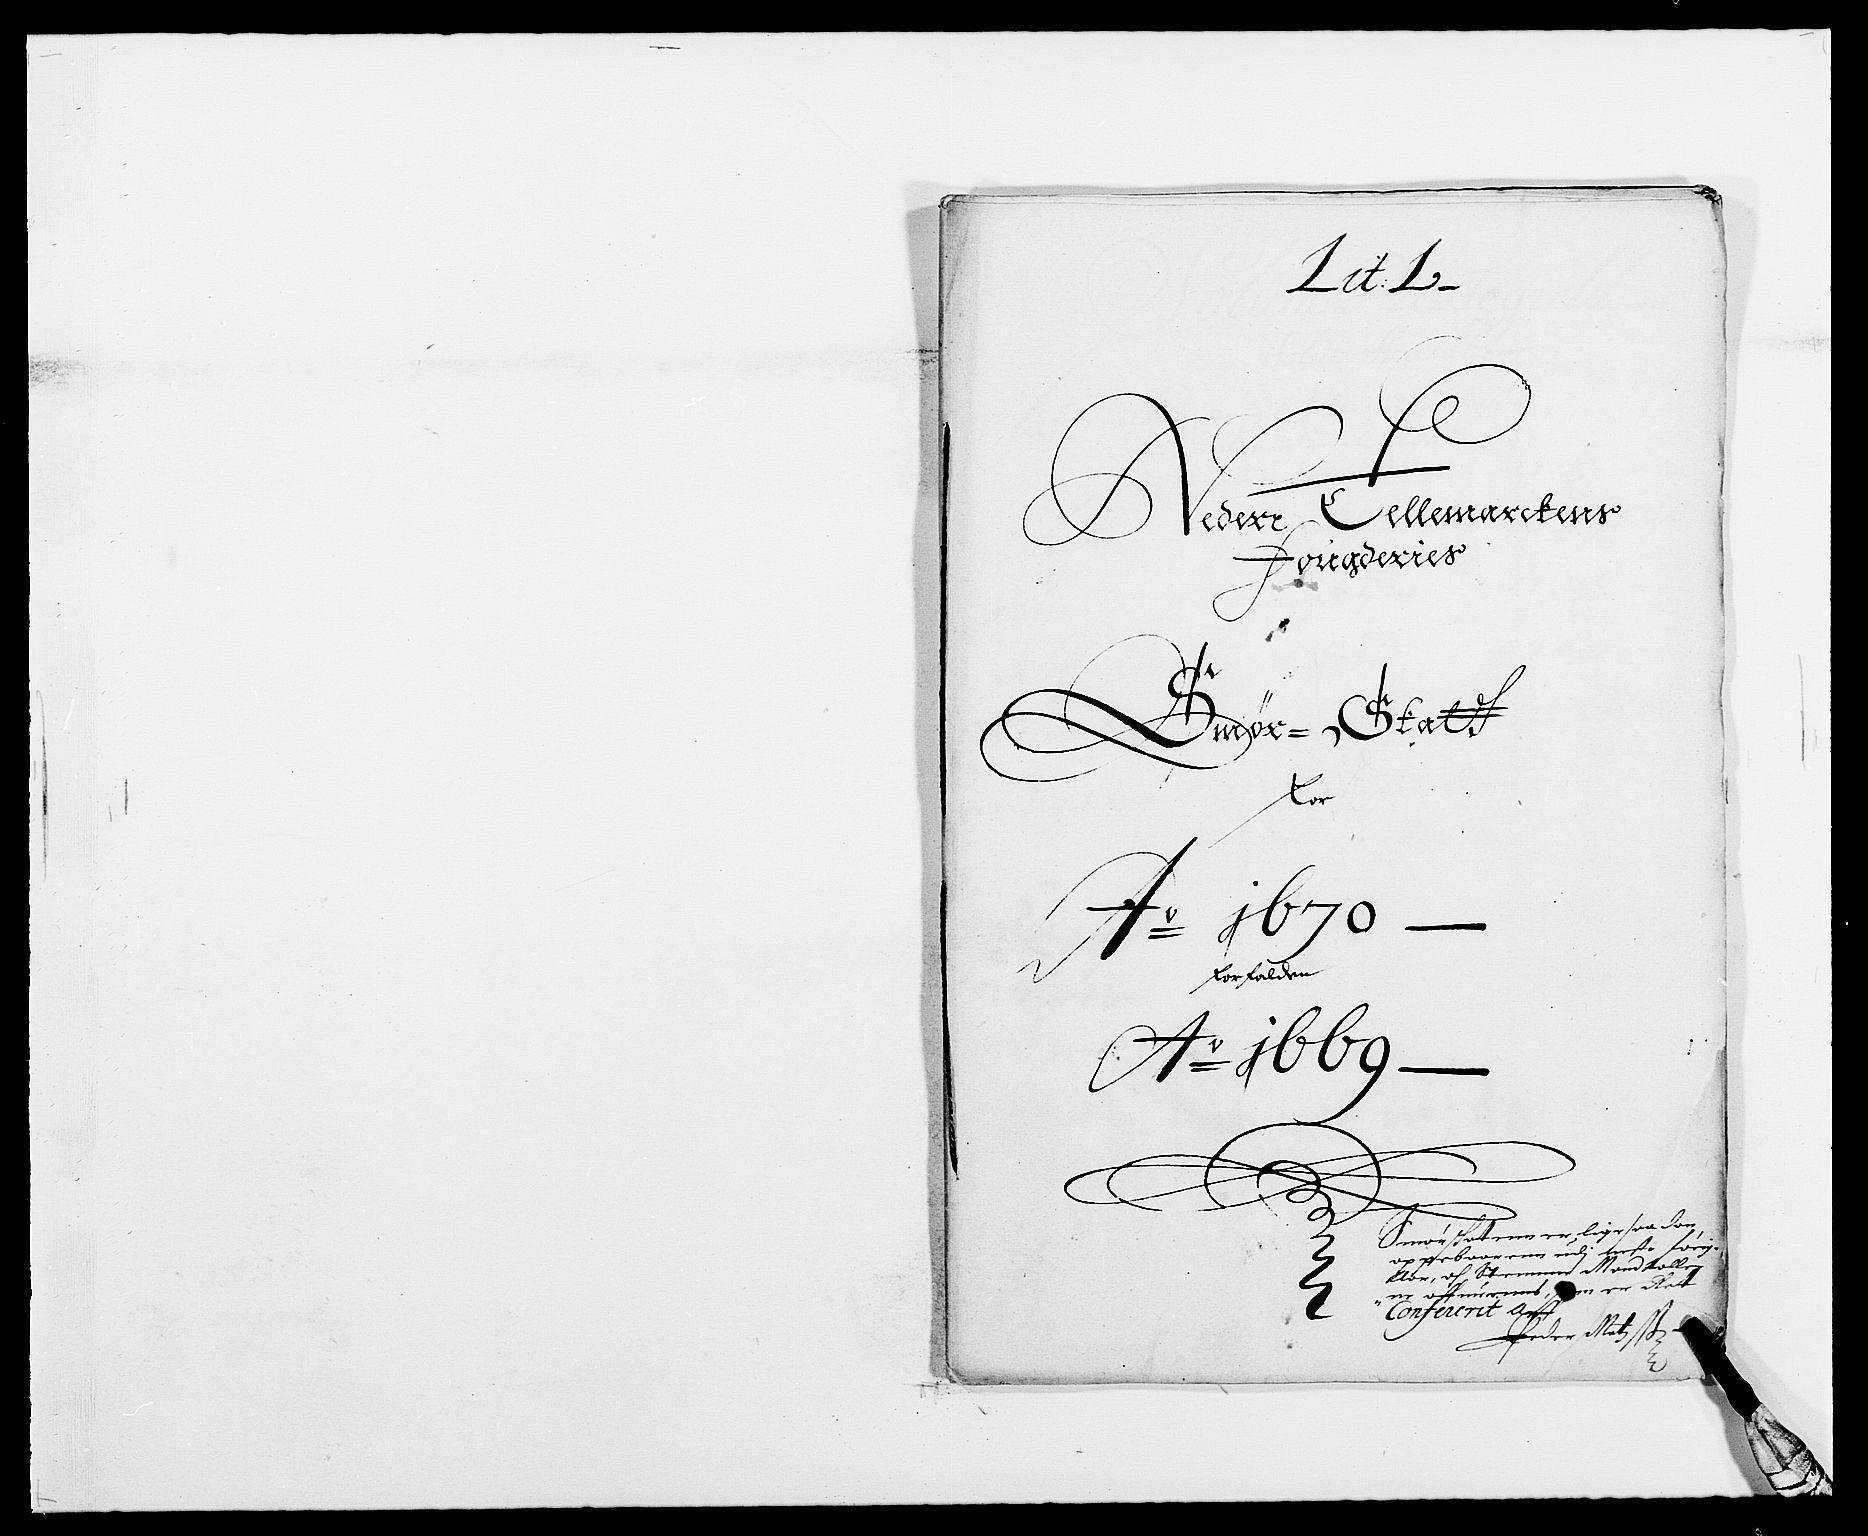 RA, Rentekammeret inntil 1814, Reviderte regnskaper, Fogderegnskap, R35/L2058: Fogderegnskap Øvre og Nedre Telemark, 1668-1670, s. 220